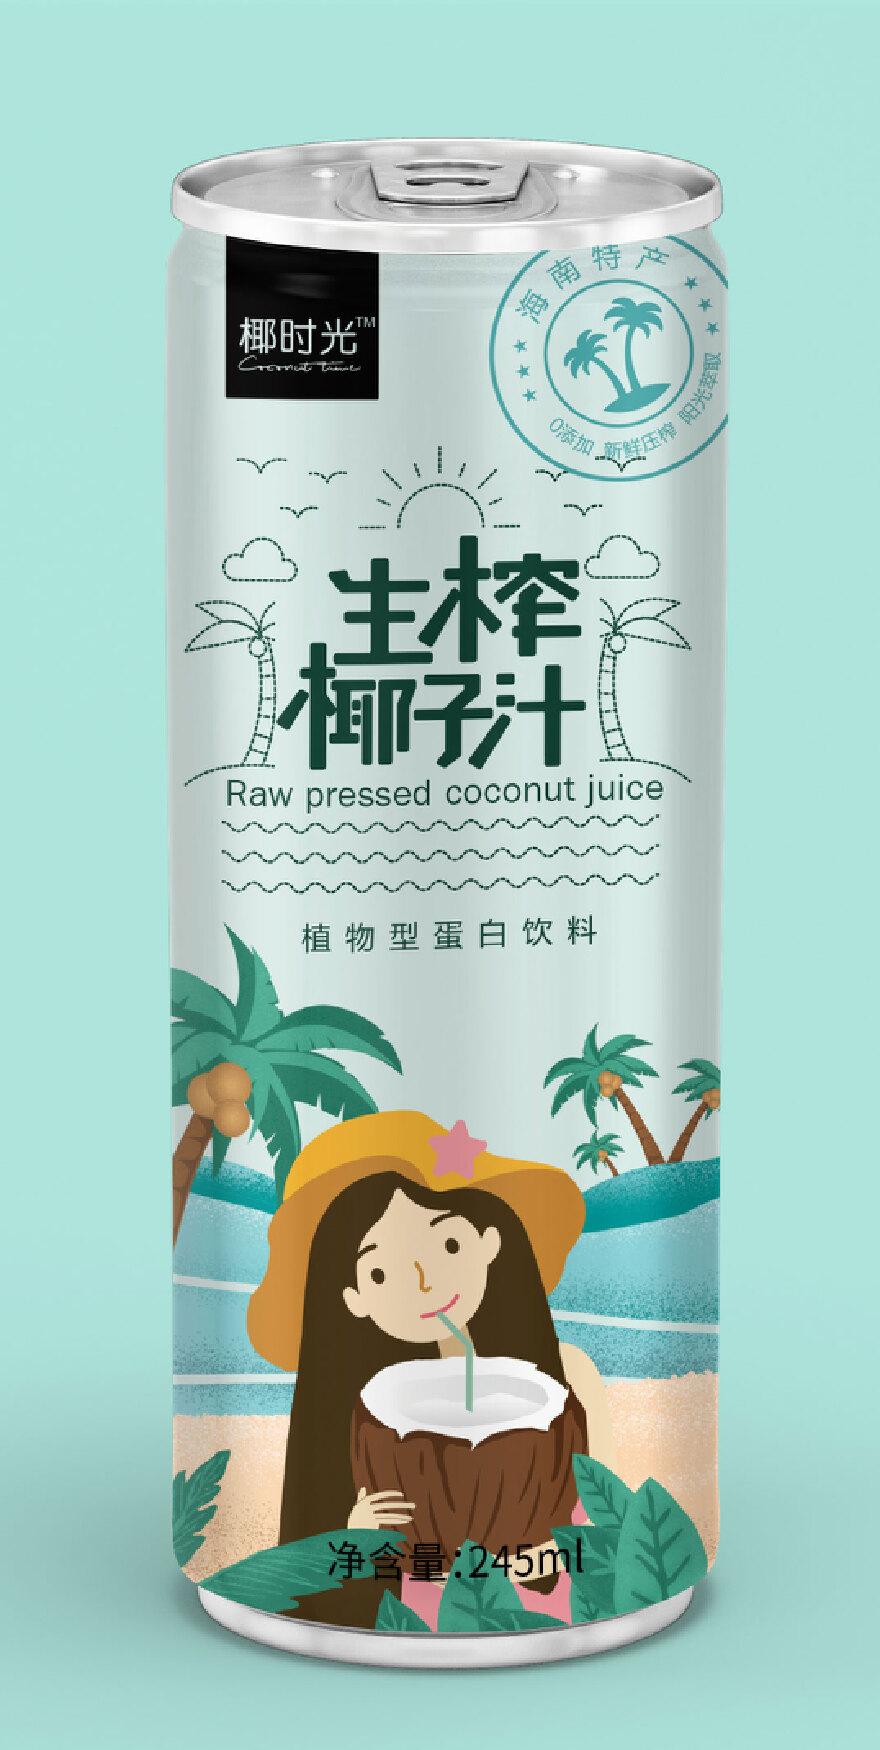 生榨椰子汁包装设计设计图帆船酒店迪拜图片